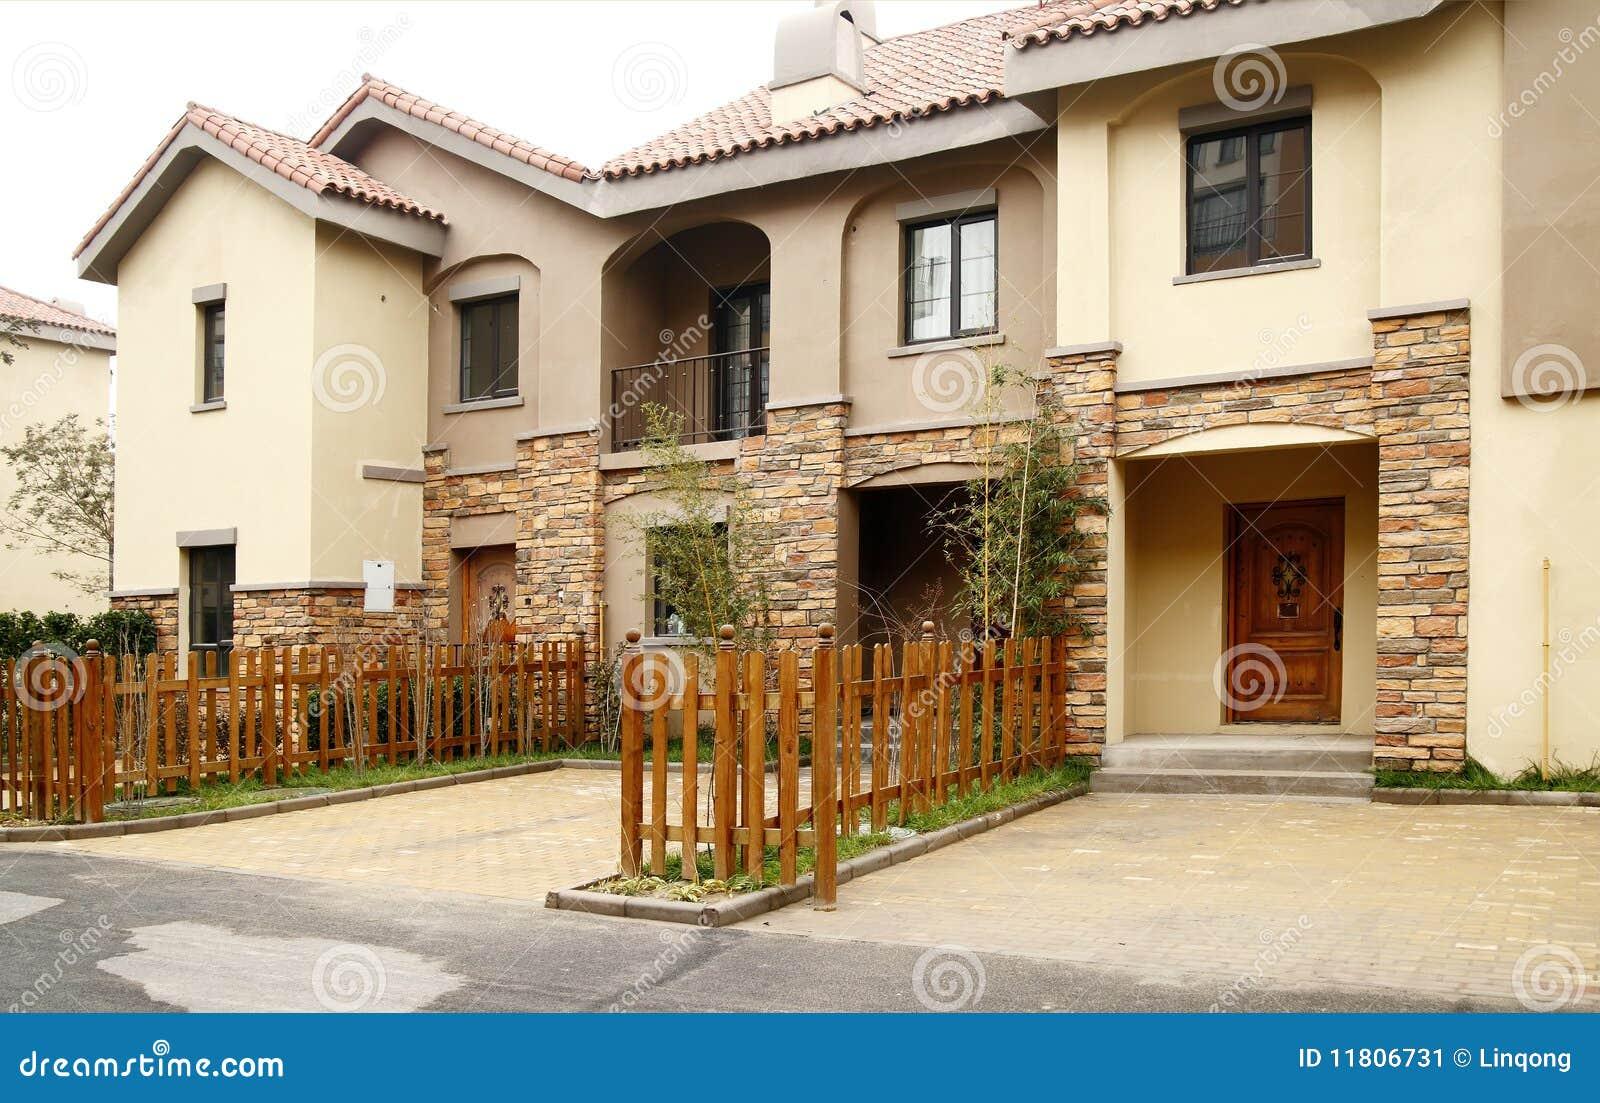 Huis in de stad